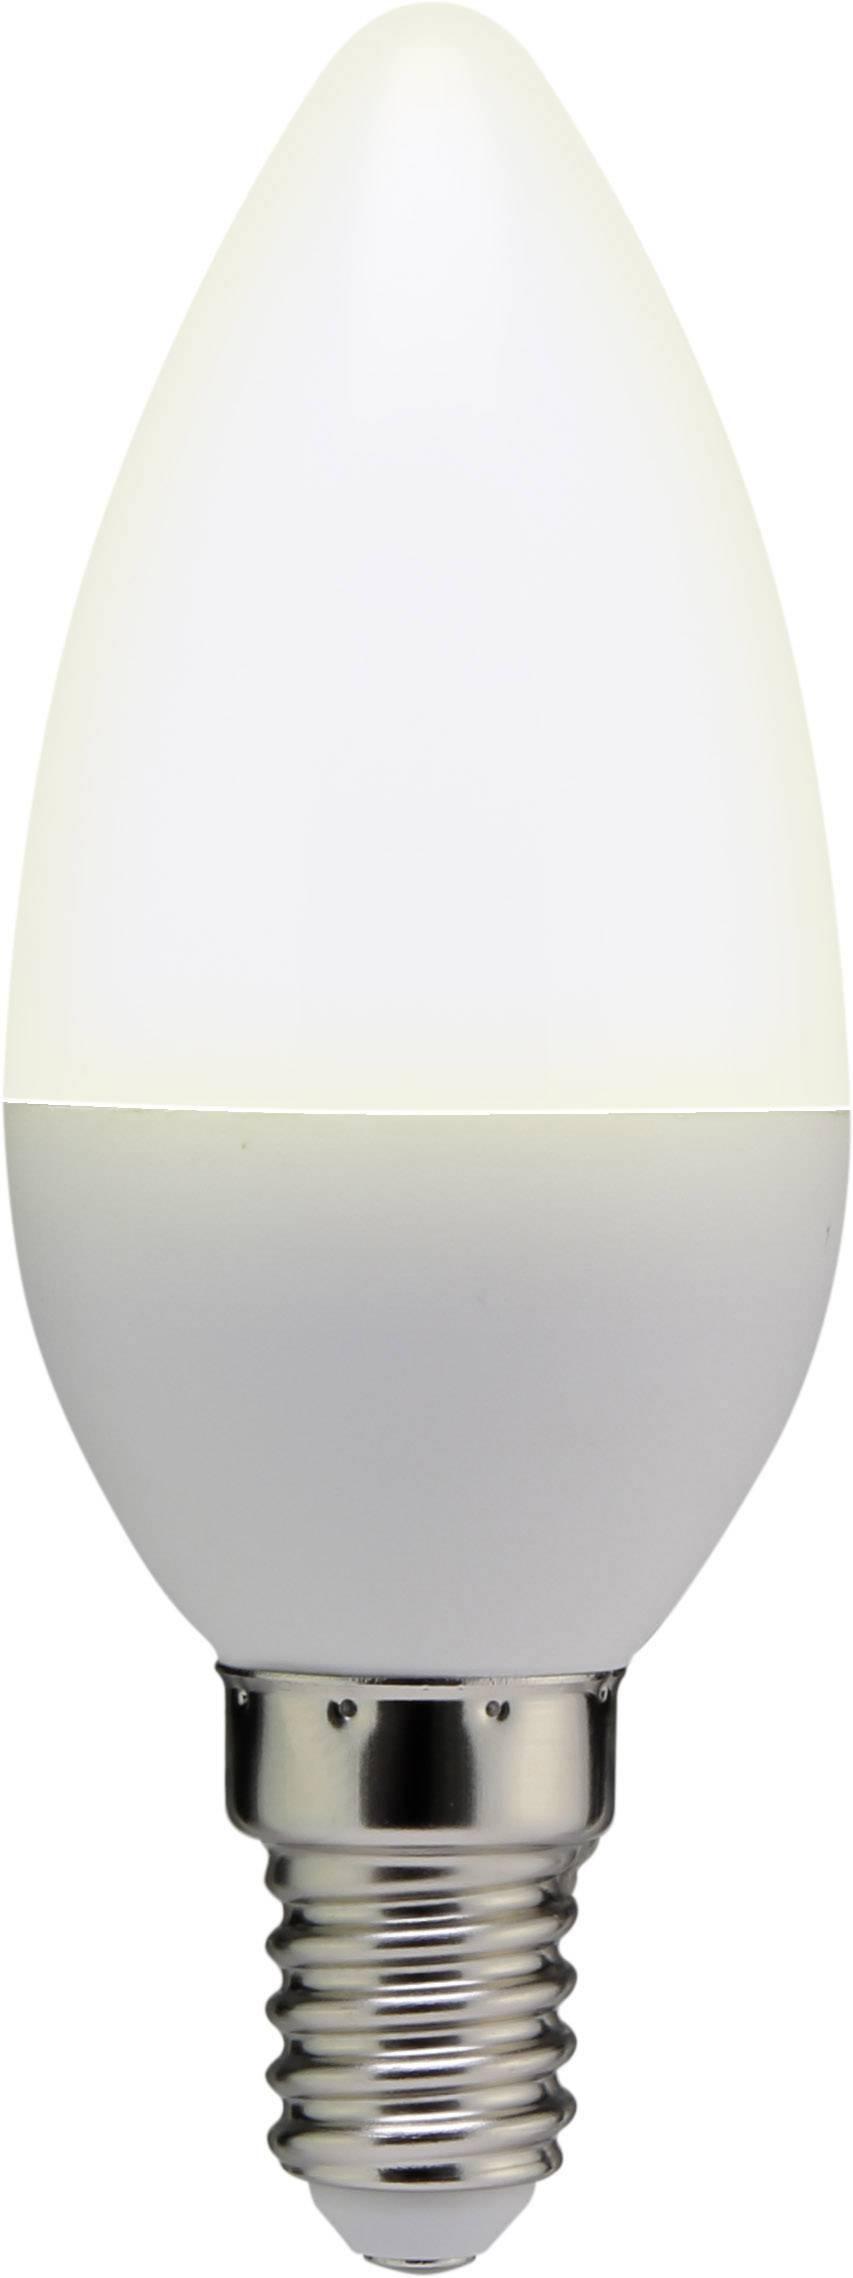 LED žiarovka Basetech TA37P249-16 230 V, 3.5 W = 25 W, teplá biela, A+, 1 ks